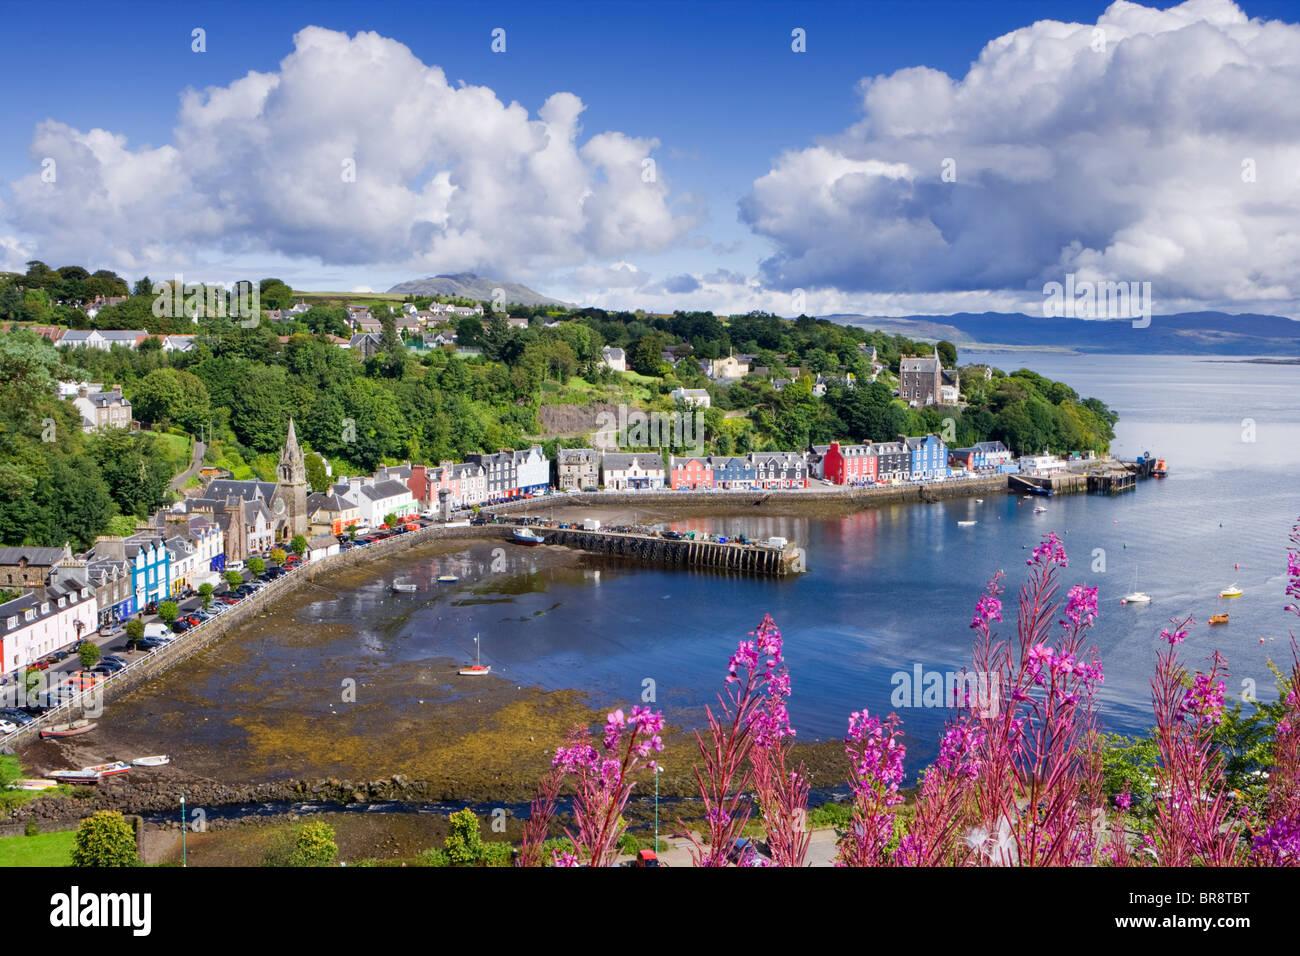 Tobermory, Isle of Mull, Argyll, Scotland, UK. - Stock Image